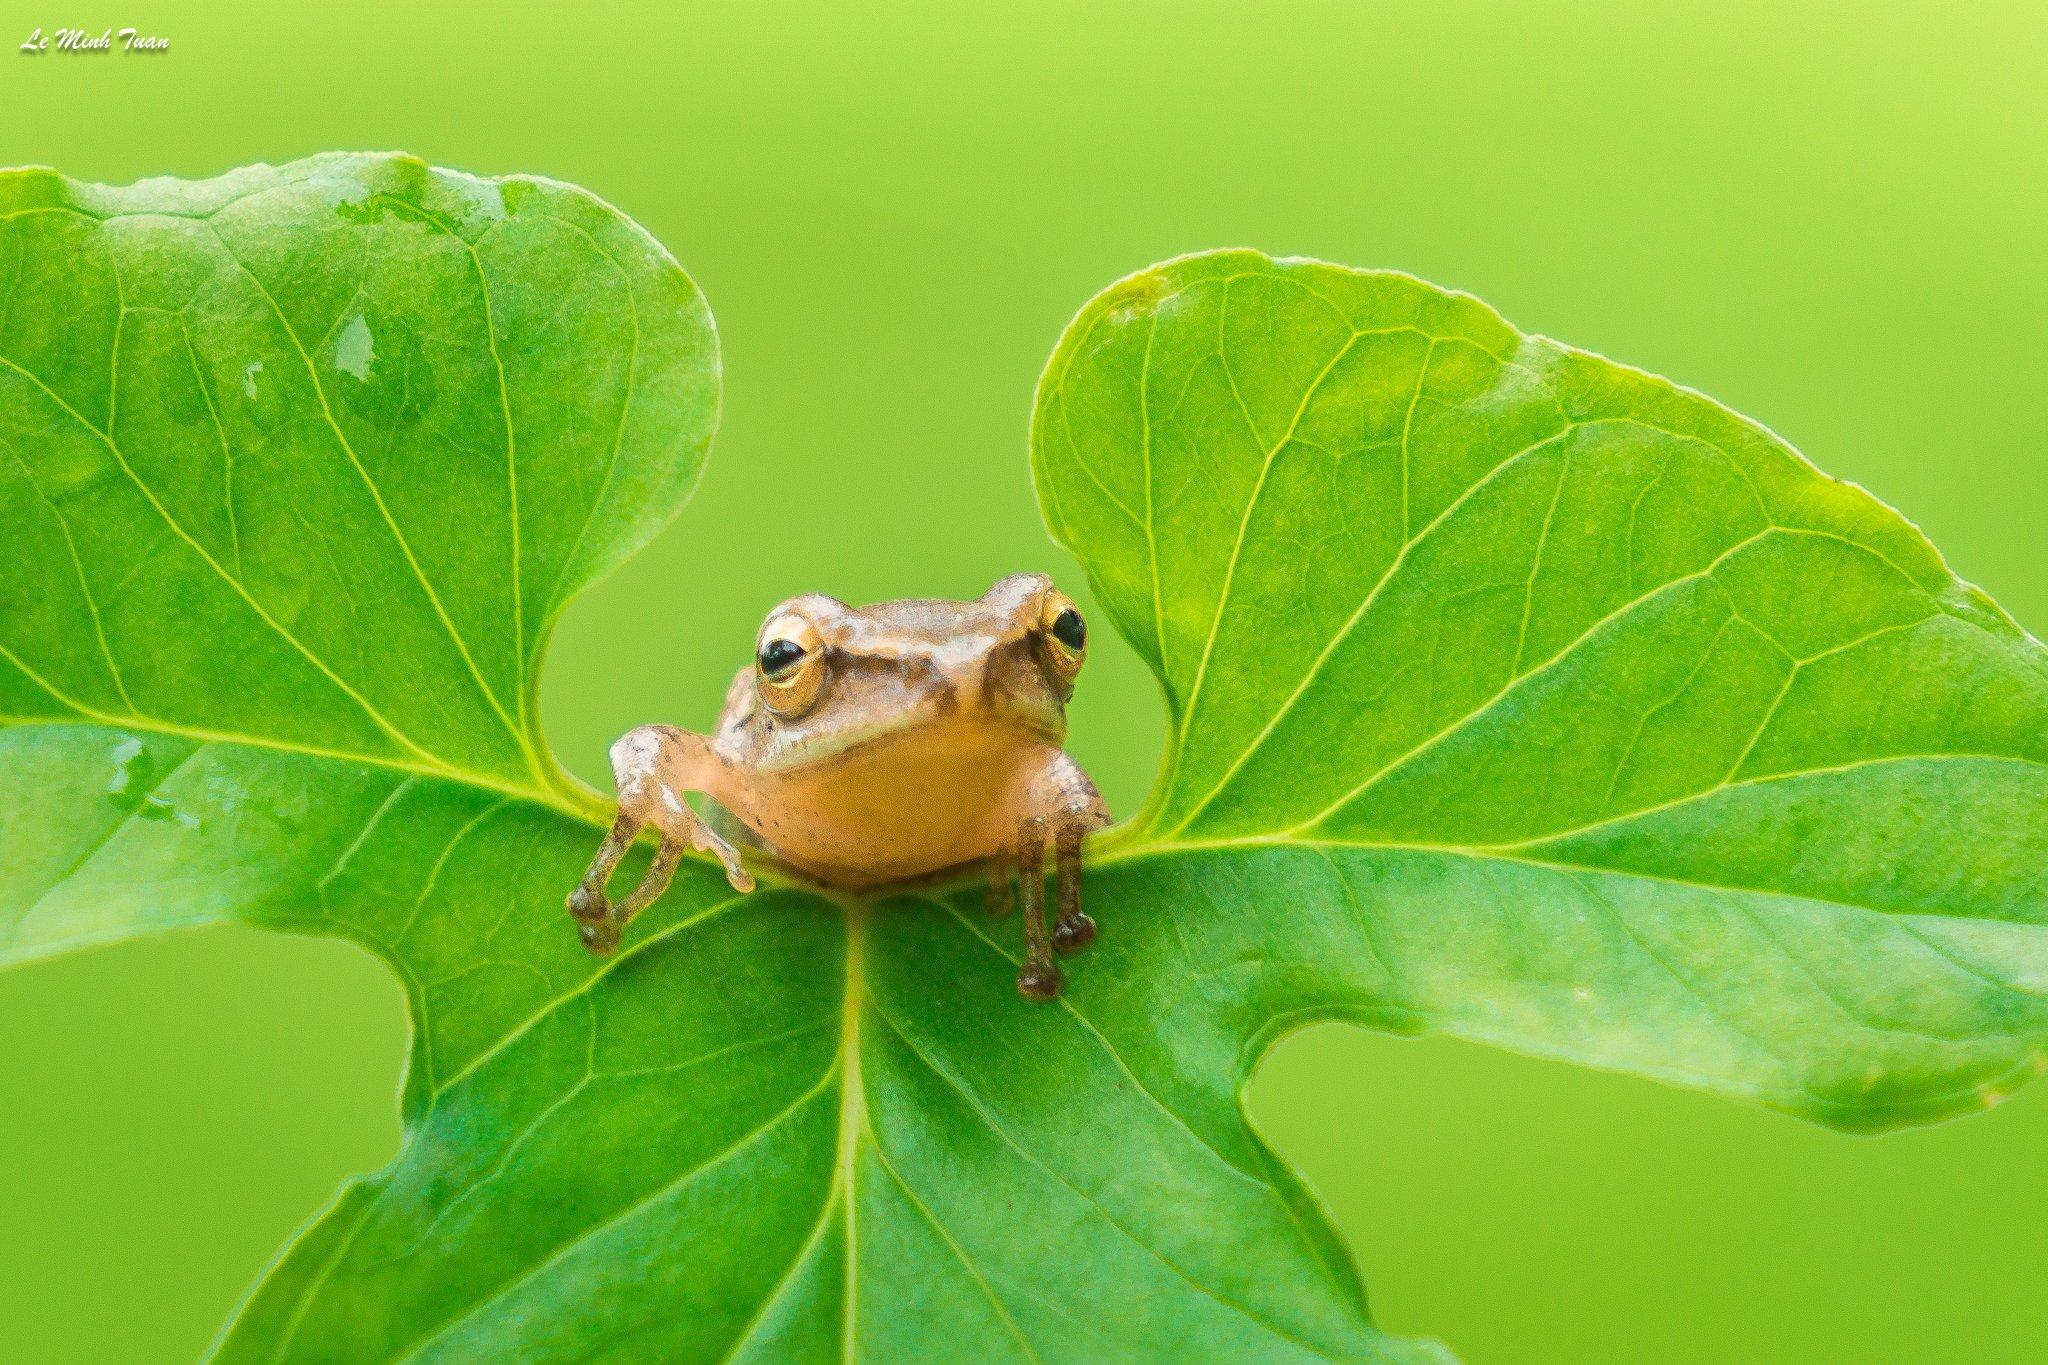 tree frog, Lê Minh Tuấn